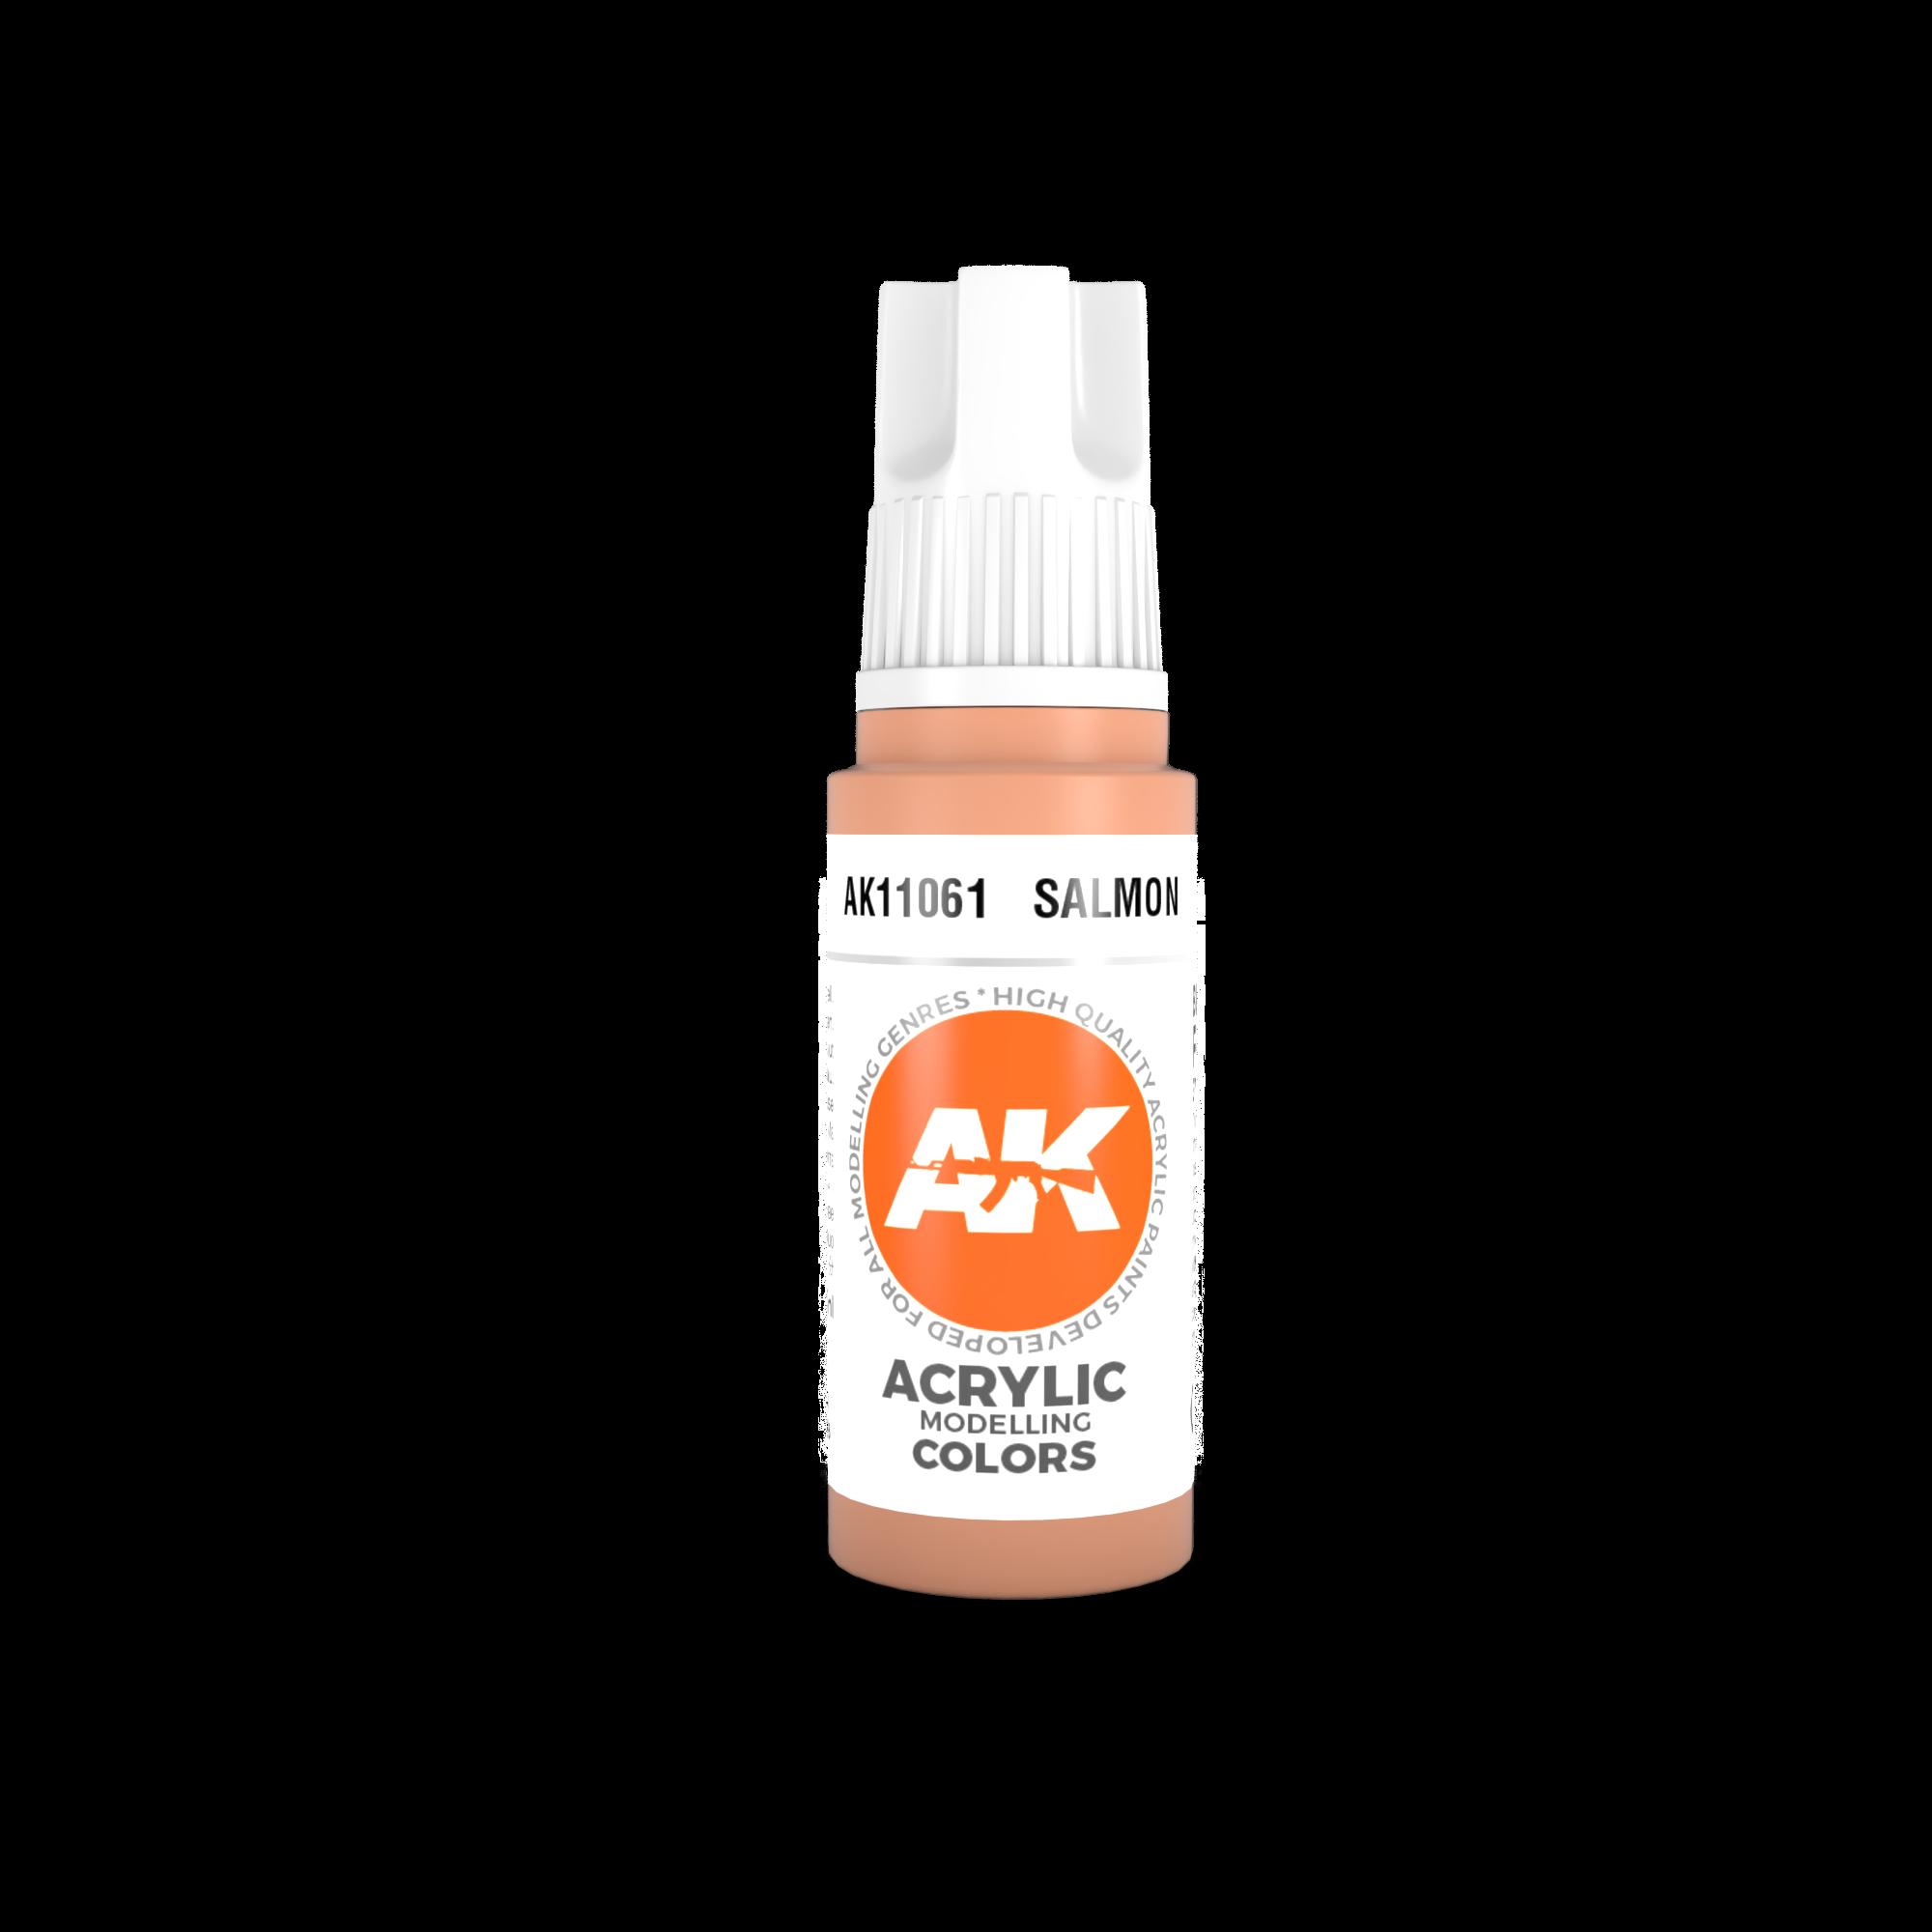 AK-Interactive Salmon Acrylic Modelling Color - 17ml - AK-11061